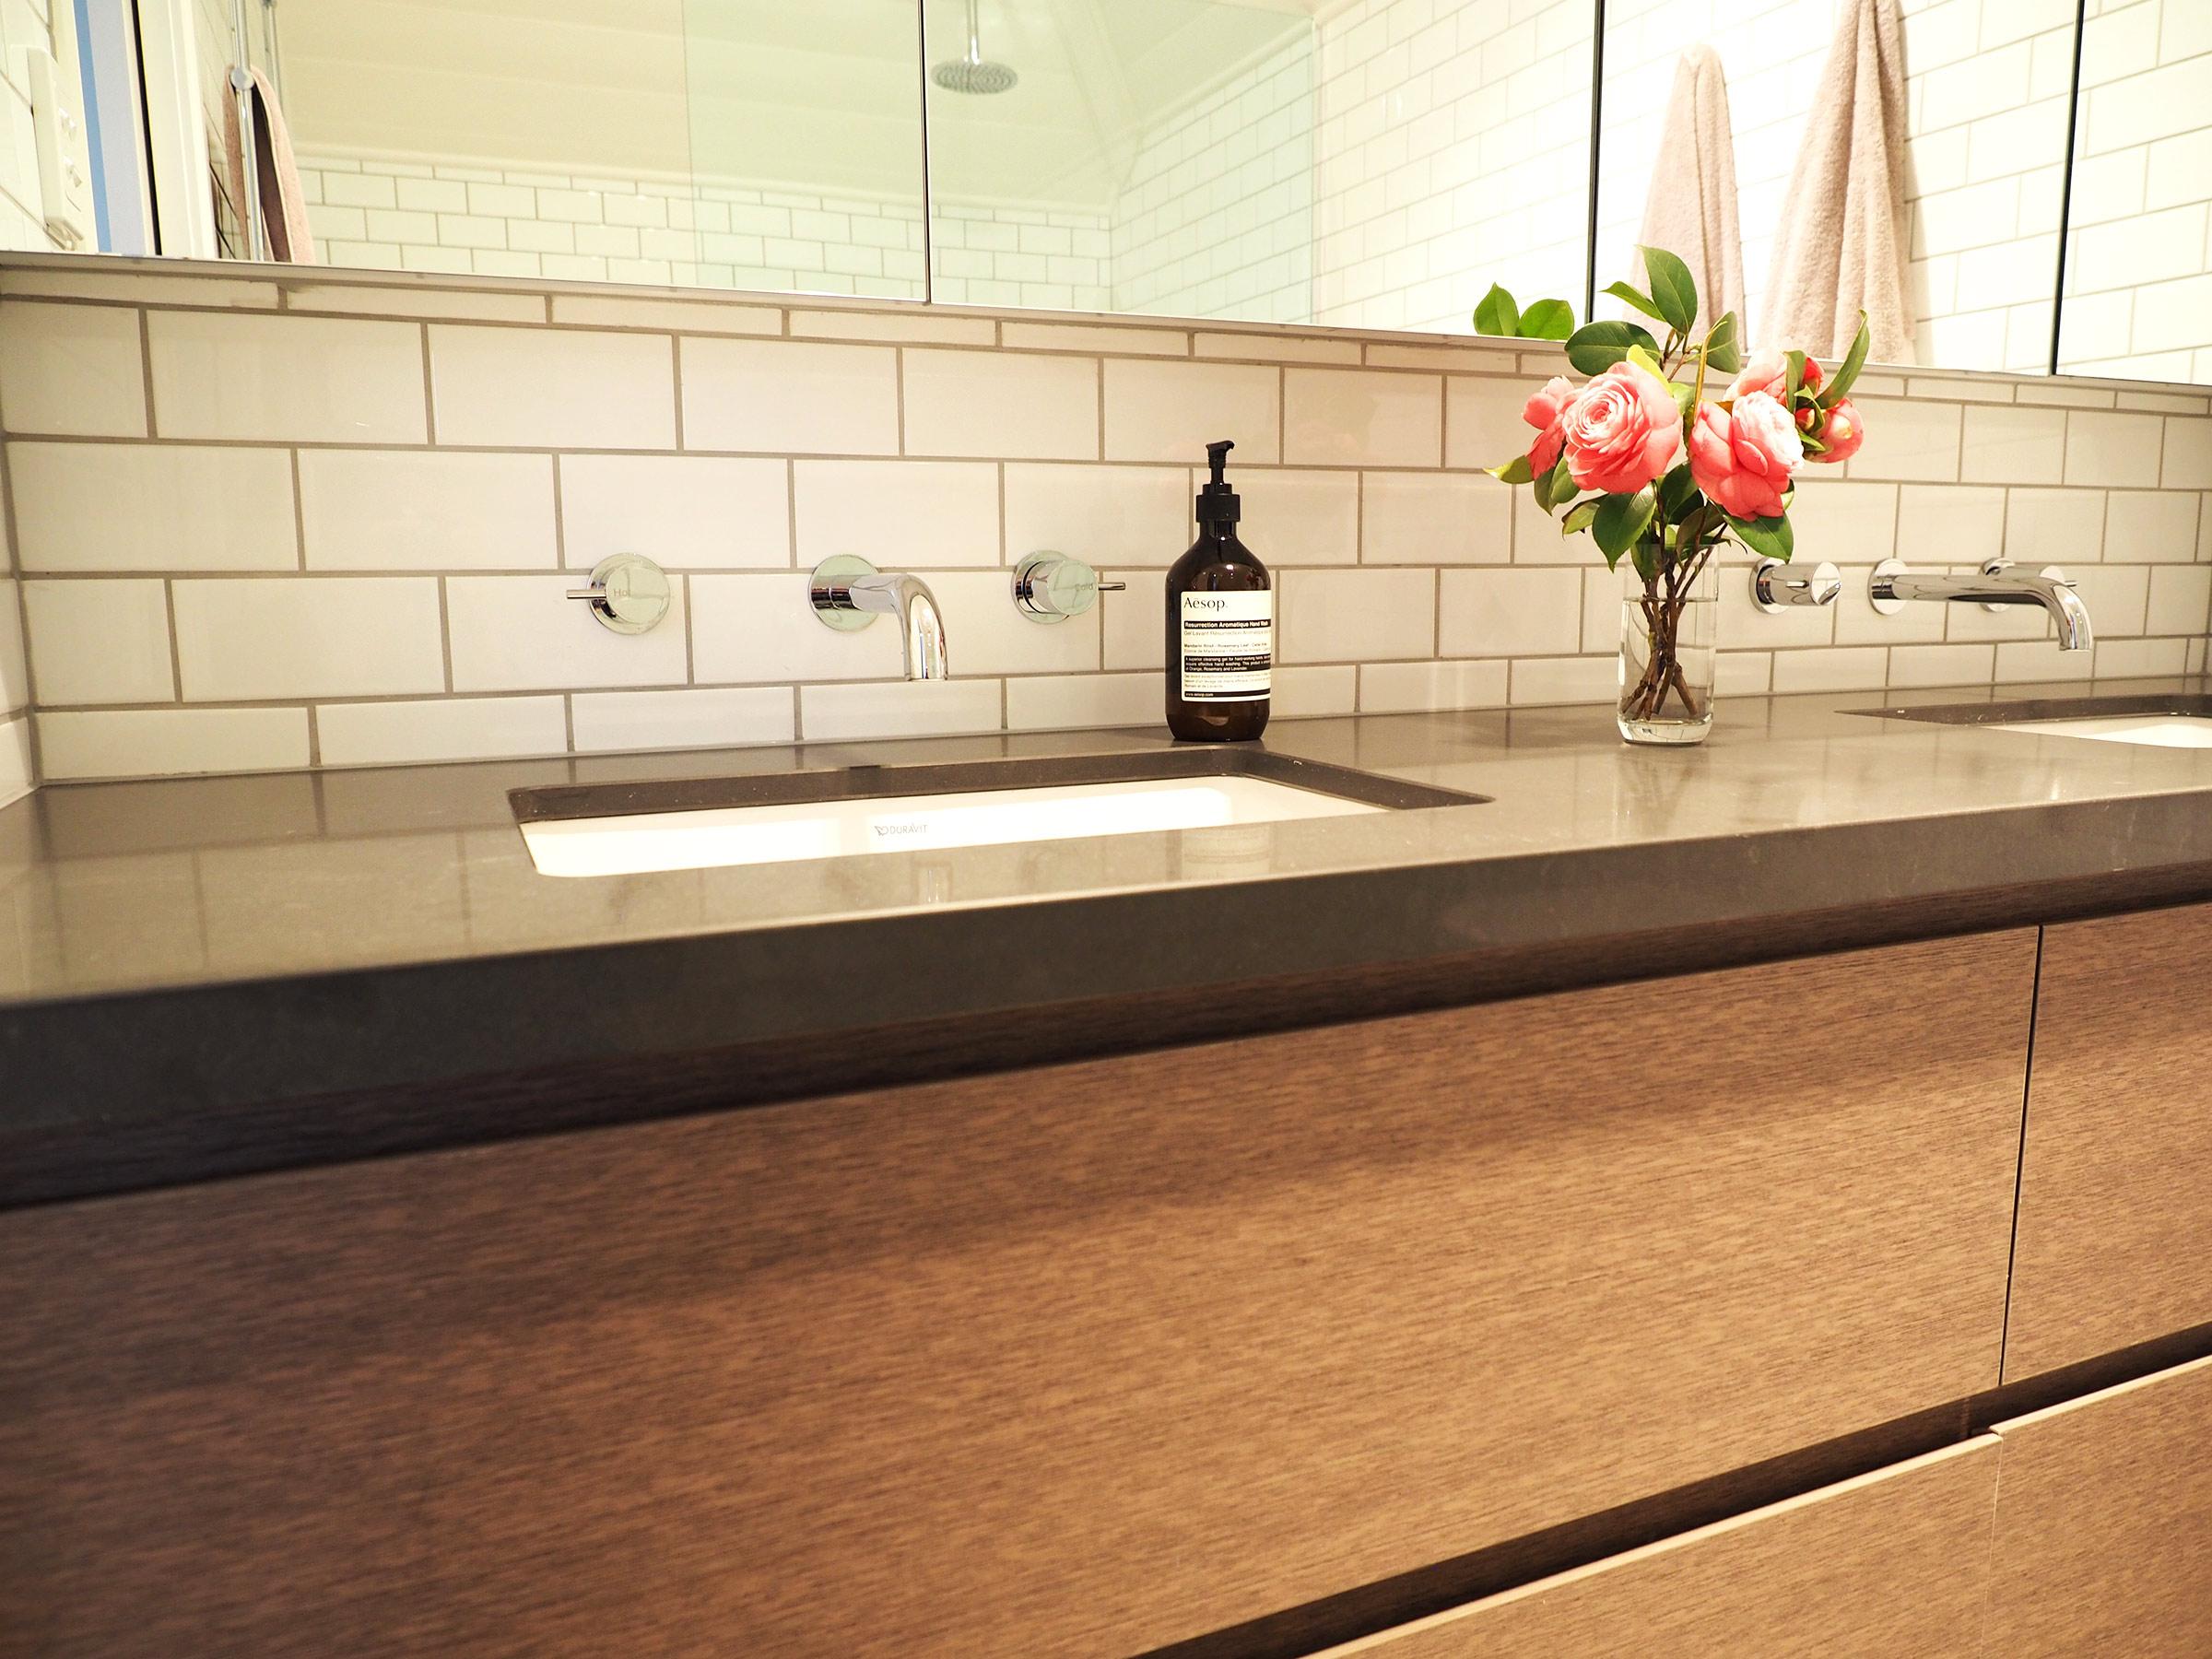 edwardian-renovation-blue-fruit-interior-design-melbourne.jpg